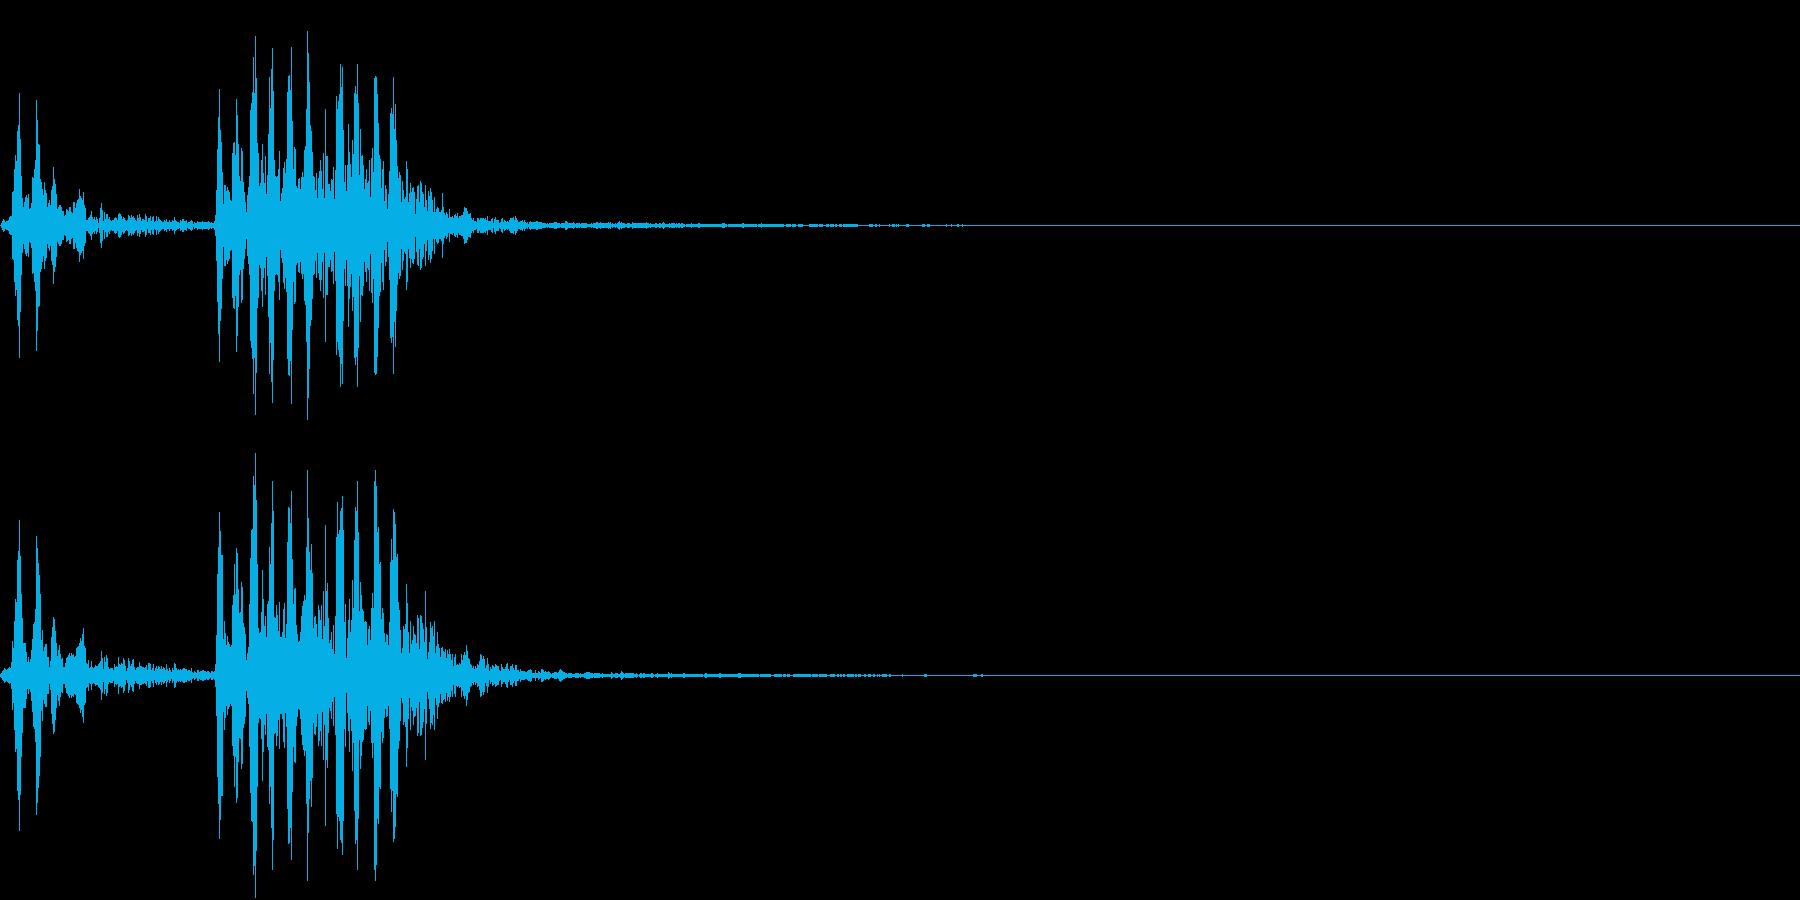 【生録音】フラミンゴの鳴き声 7の再生済みの波形